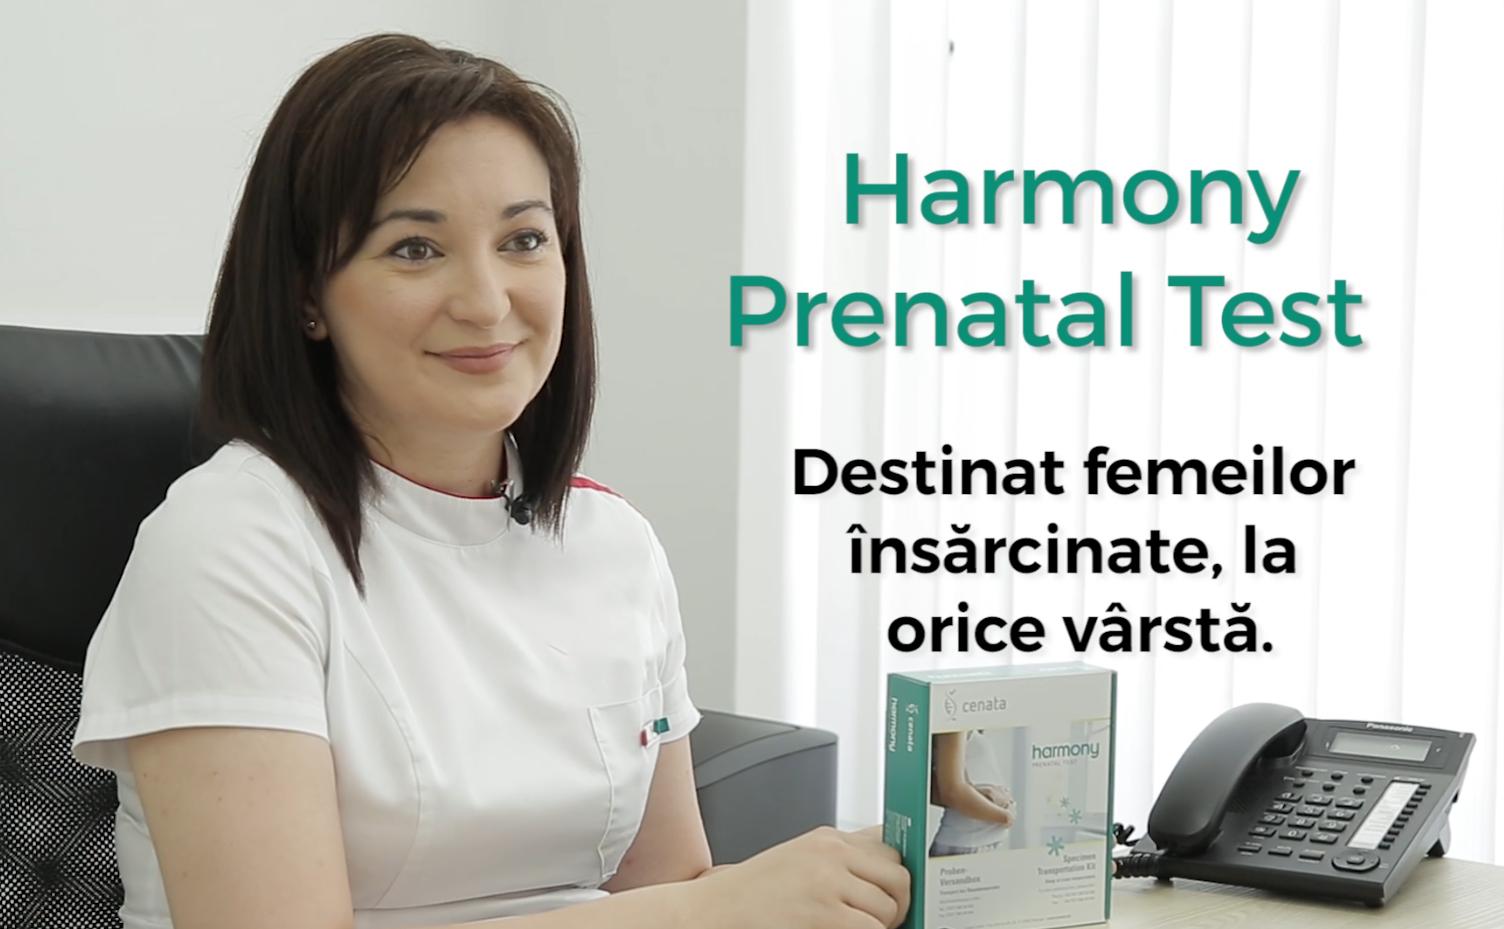 Testul Prenatal Harmony: Depistează mai mult de 70% din toate anomaliile, inclusiv Sindromul Down, Sindromul Edwards, Sindromul Patau